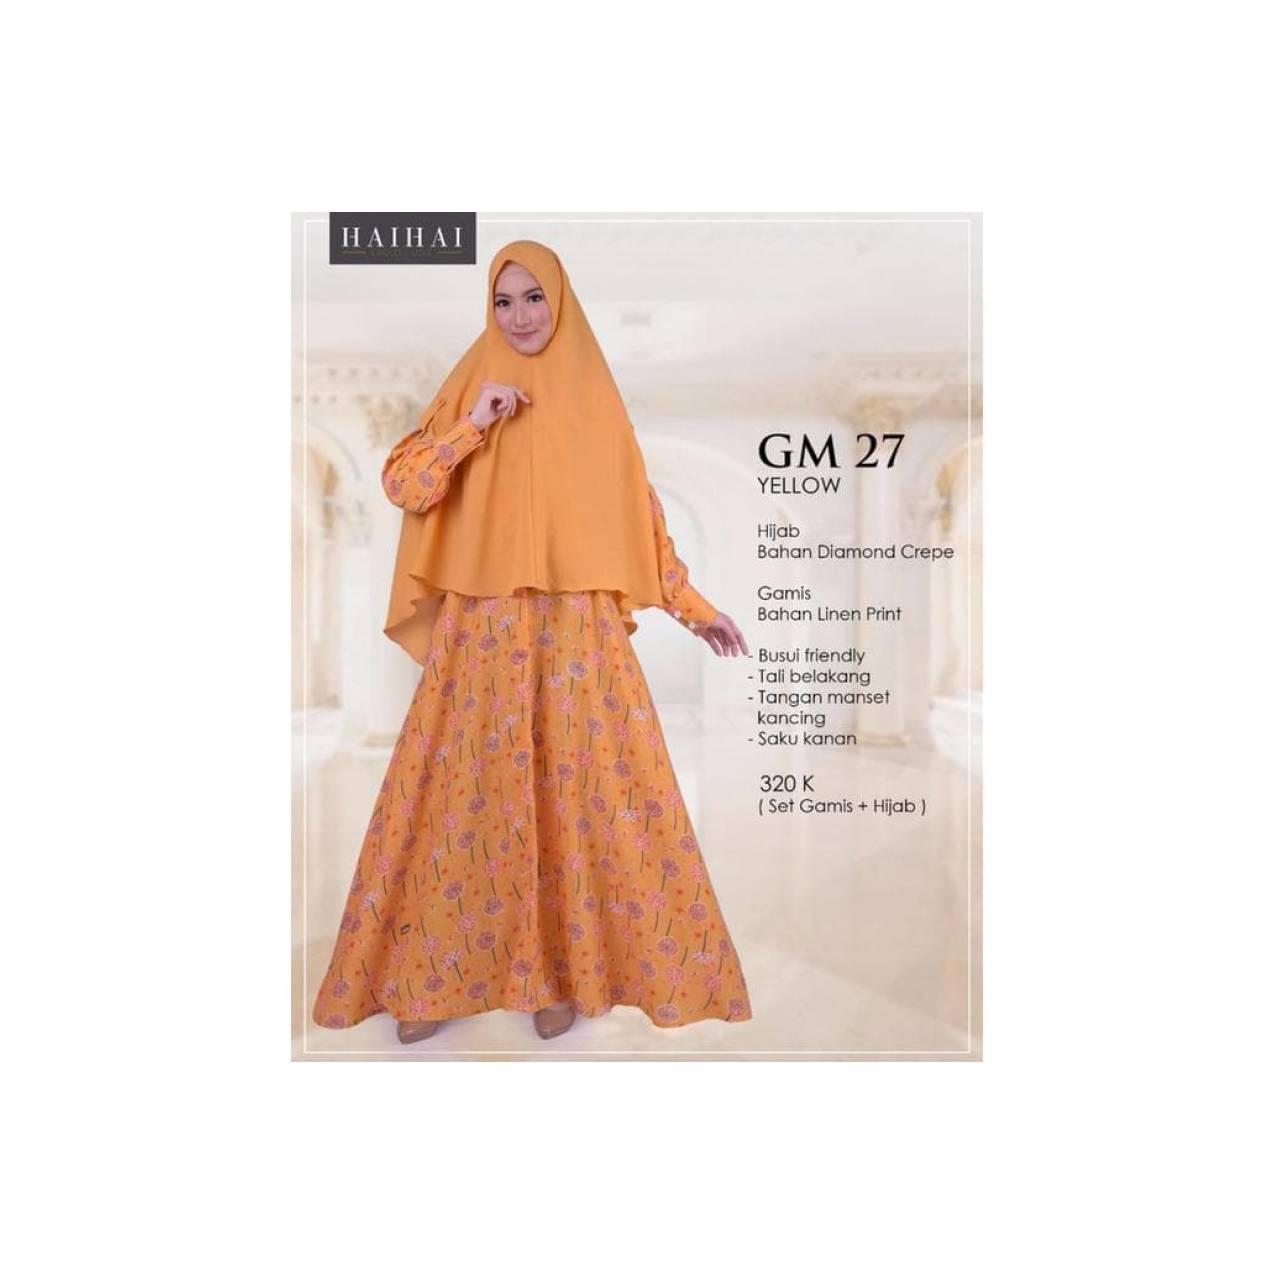 Jual Hijab Instan Laris Murah Garansi Dan Berkualitas Id Store Hhm048 Gantungan Jilbab Scarf Dasi Belt Dll 12 Loop Rp 747200